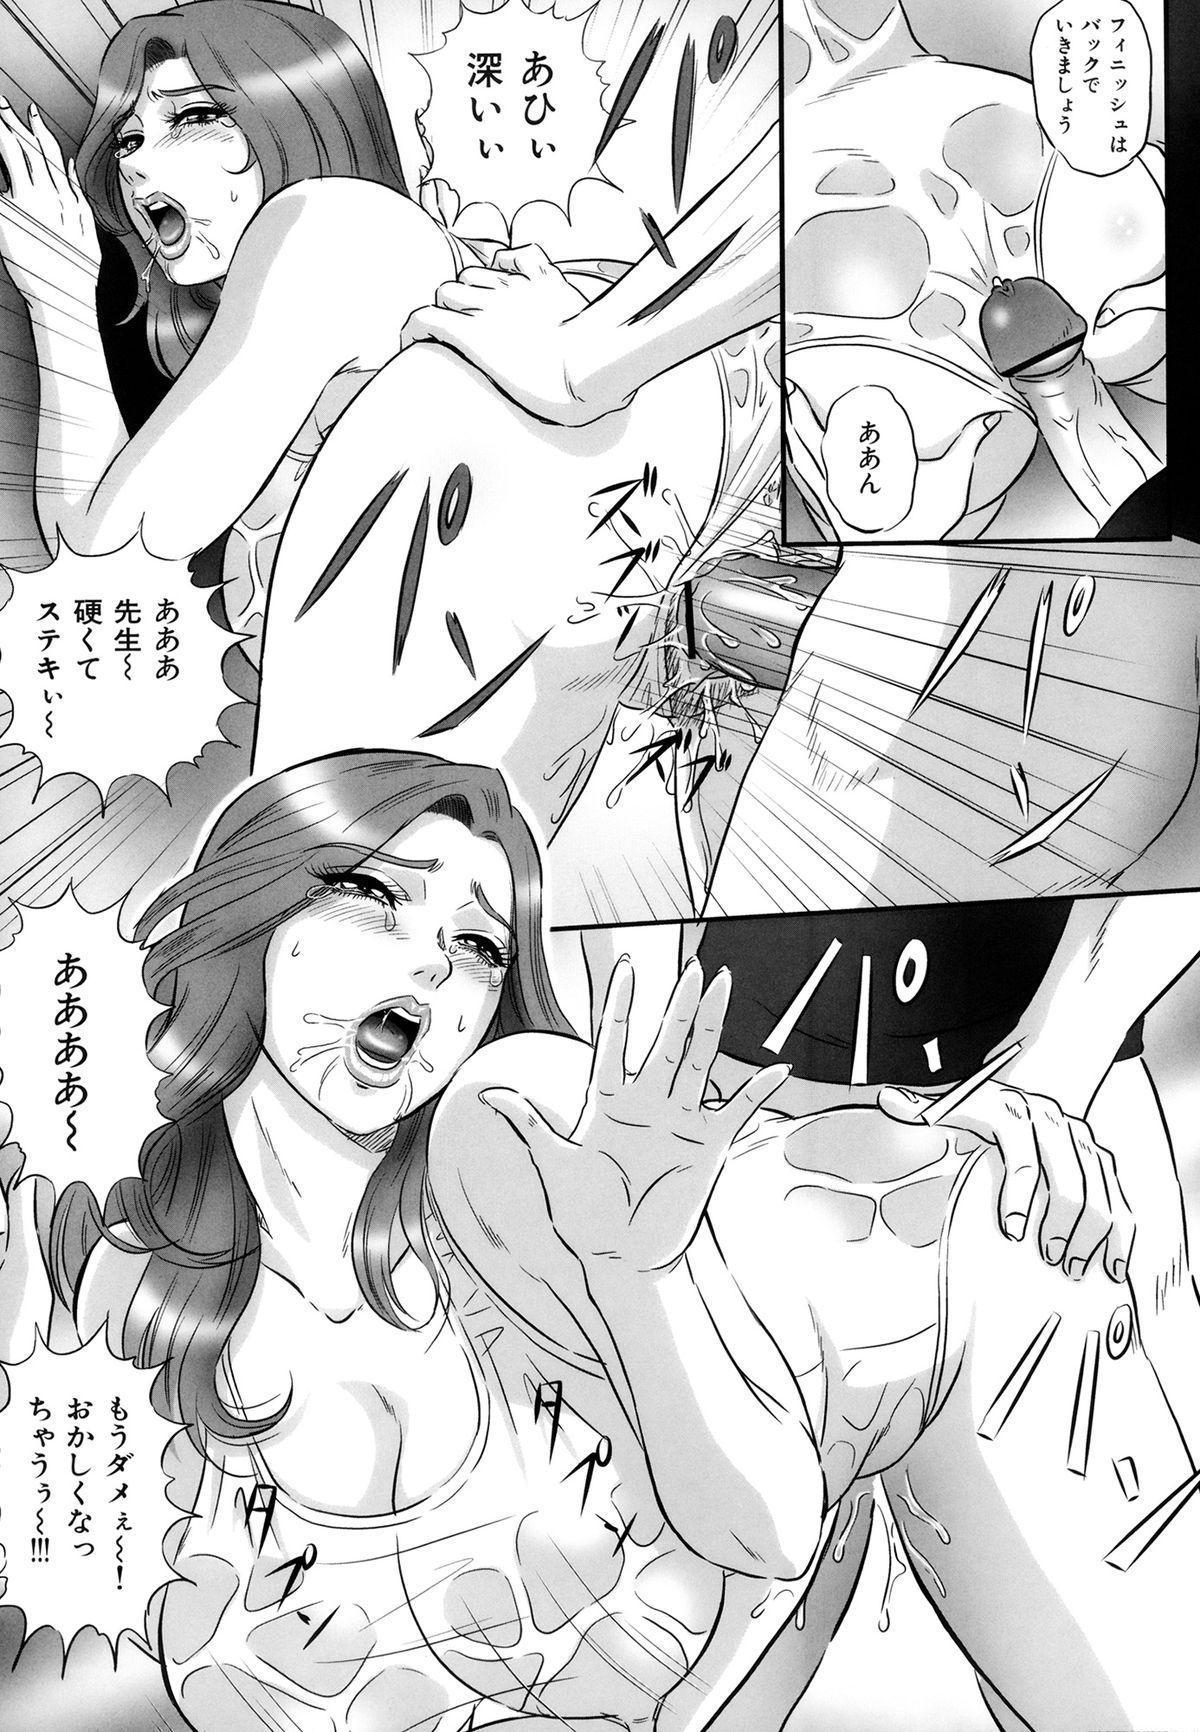 Ijimete Hoshiino 201